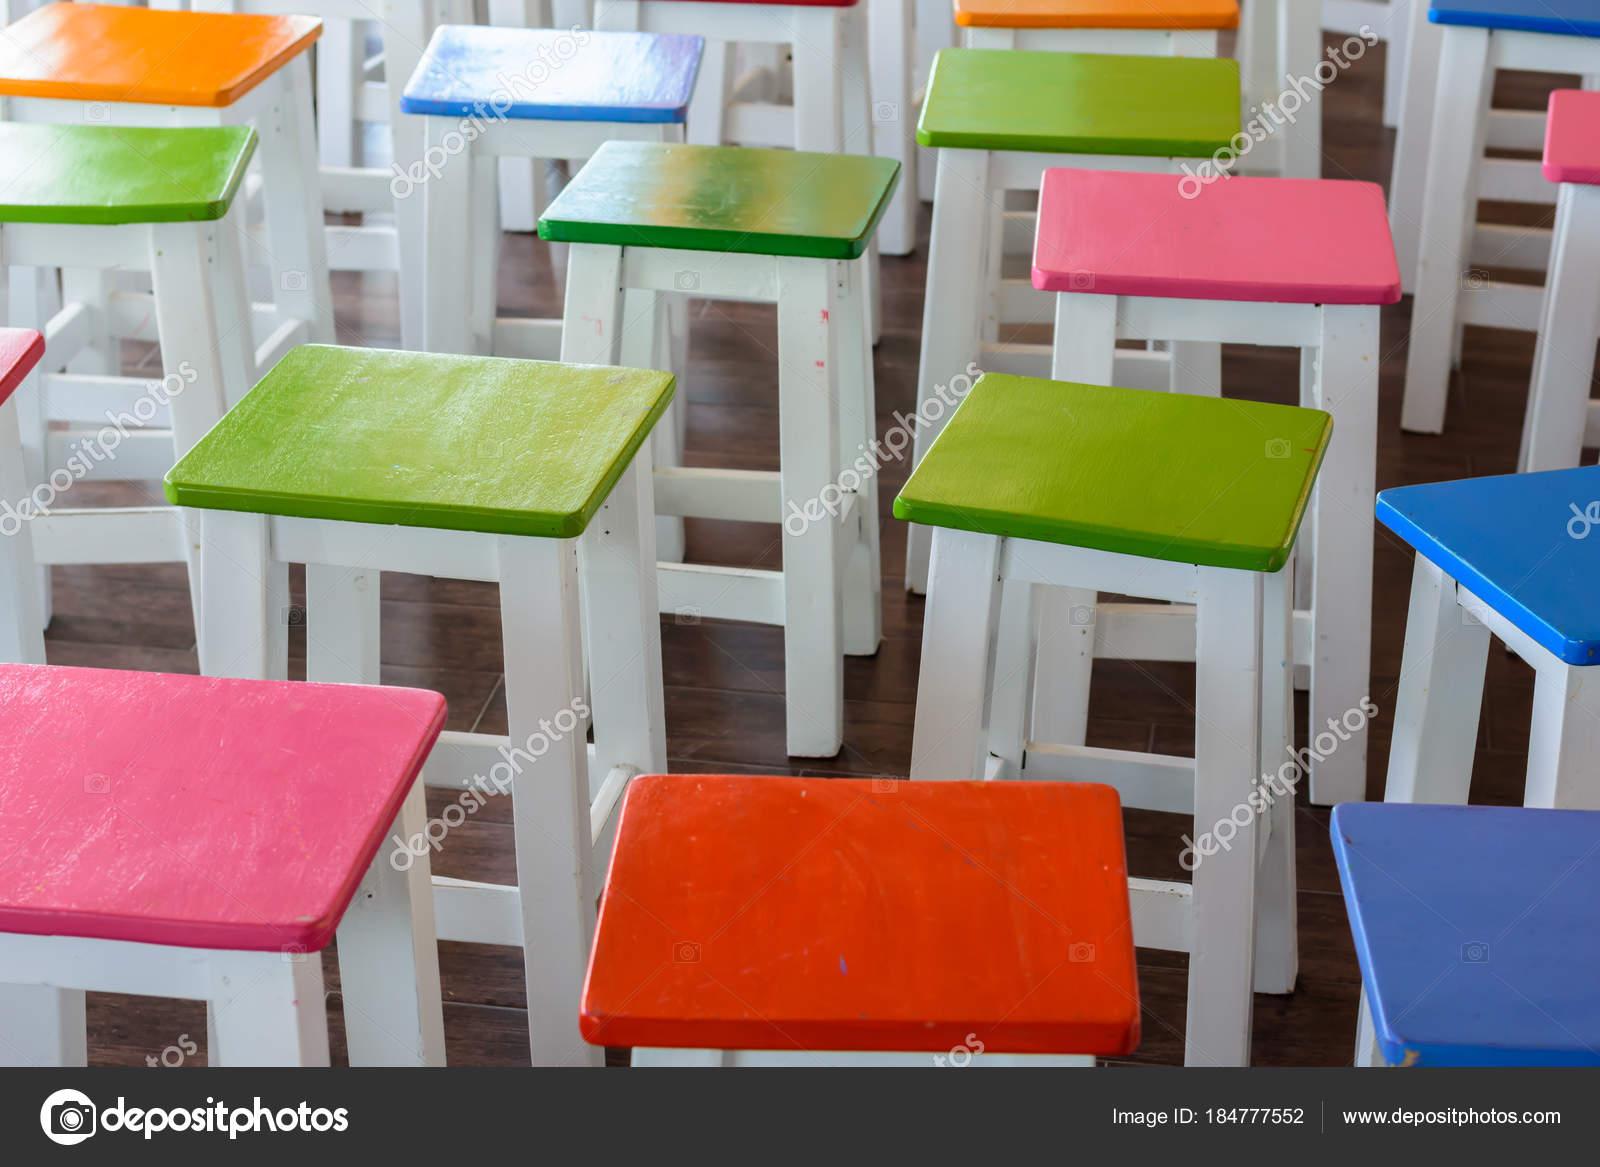 Ziemlich Hölzerne Küchenstühle Billig Fotos - Ideen Für Die Küche ...